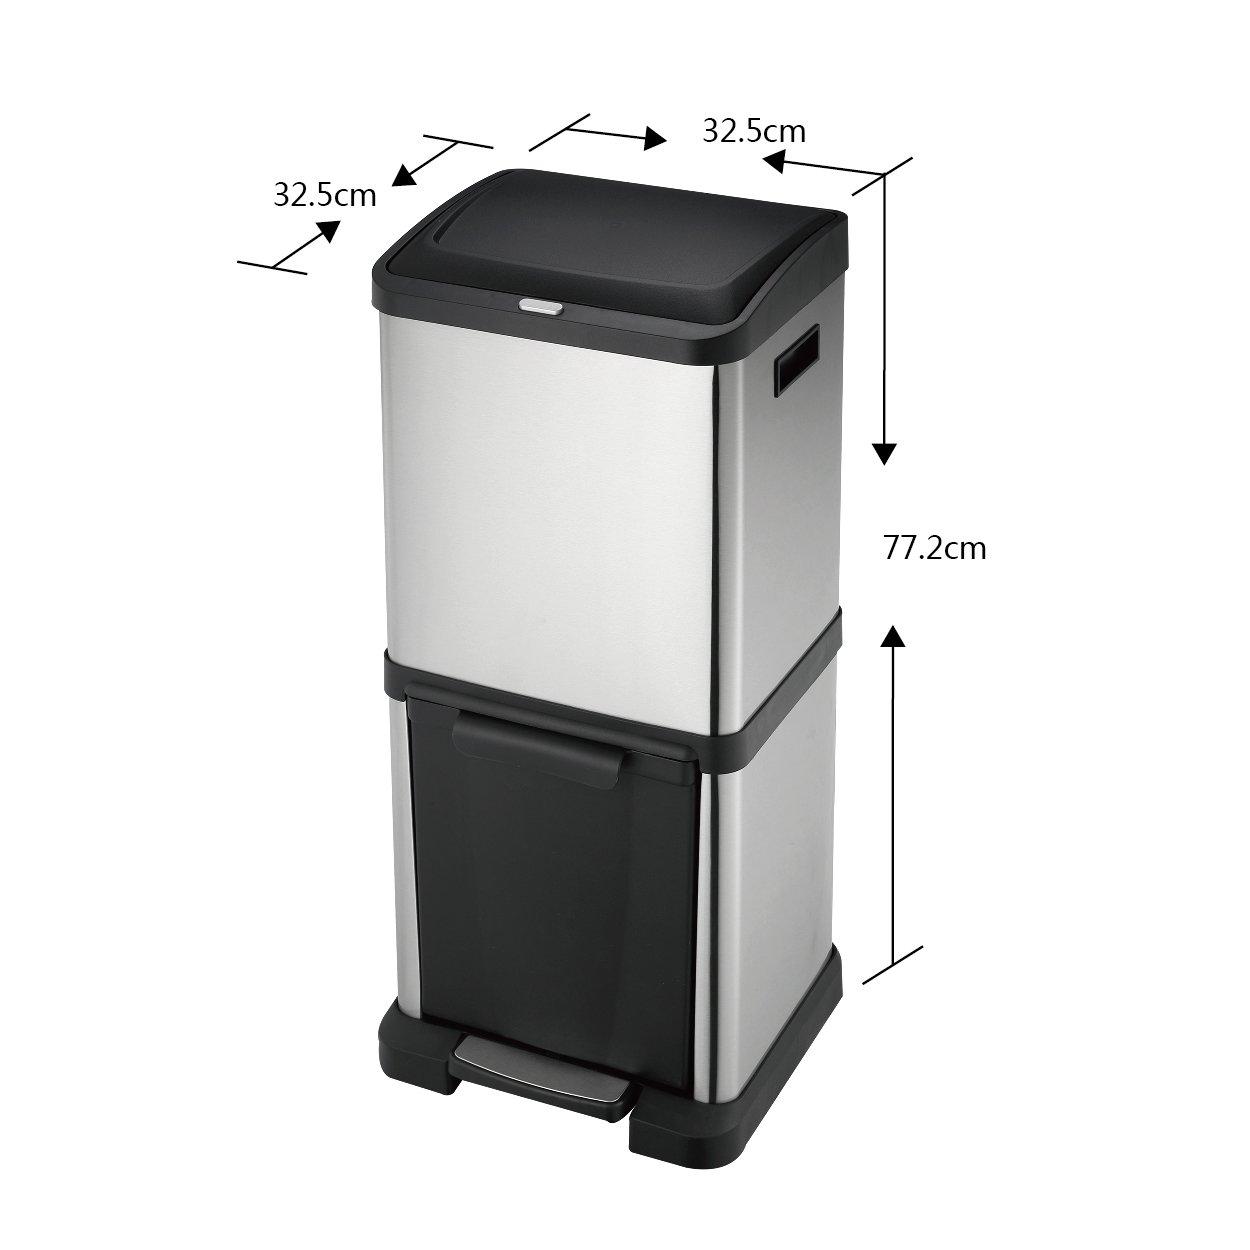 MARI HOME Cubo Basura Reciclaje Doble en Acero Inoxidable 34L – 2 Unidades Extraíbles (16L+18L) Para Separar Los Residuos Y Un Reciclaje Fácil – Cubo ...